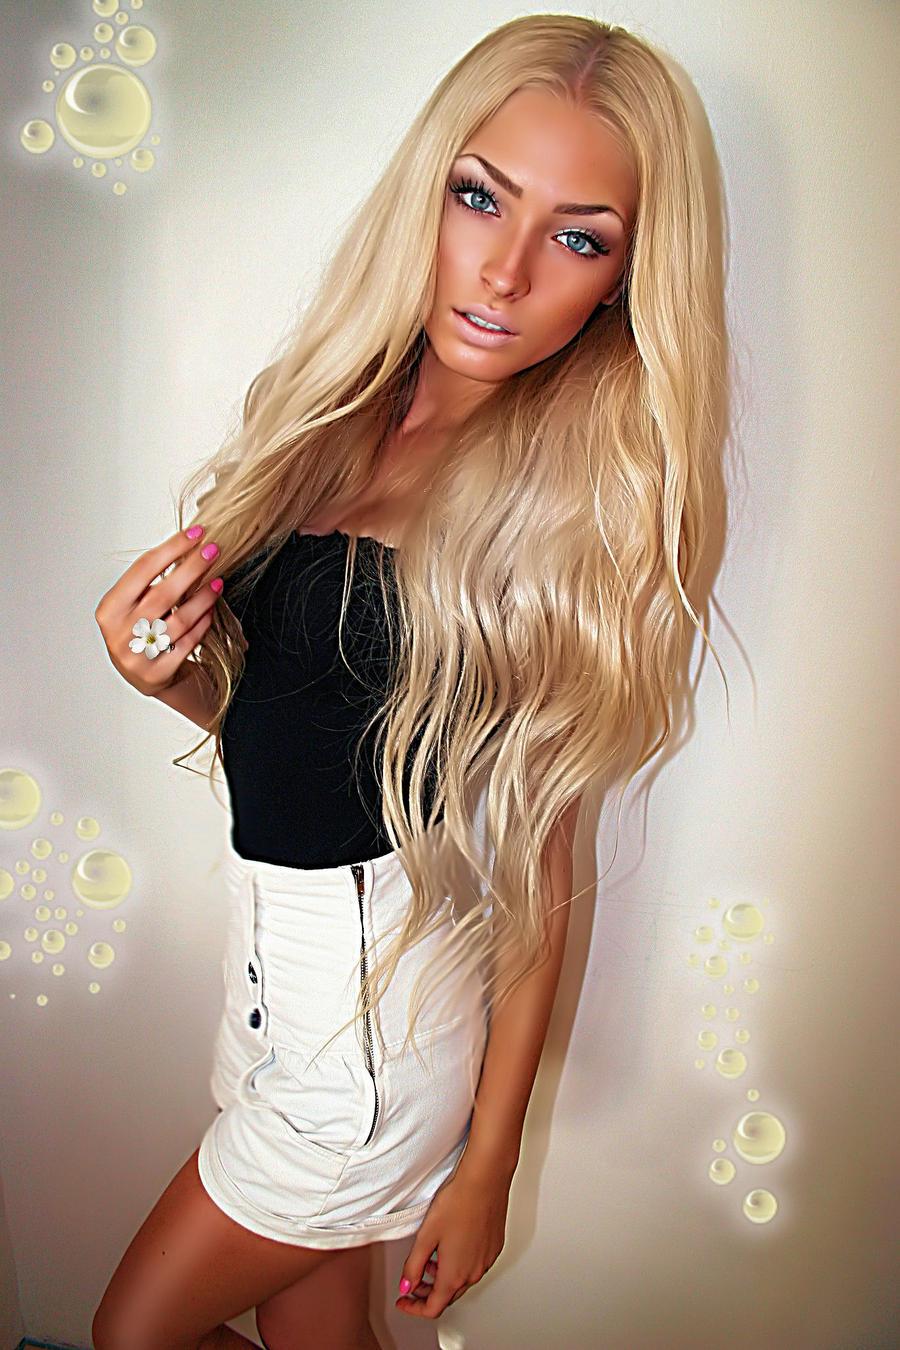 Фото юли блондинки 21 фотография